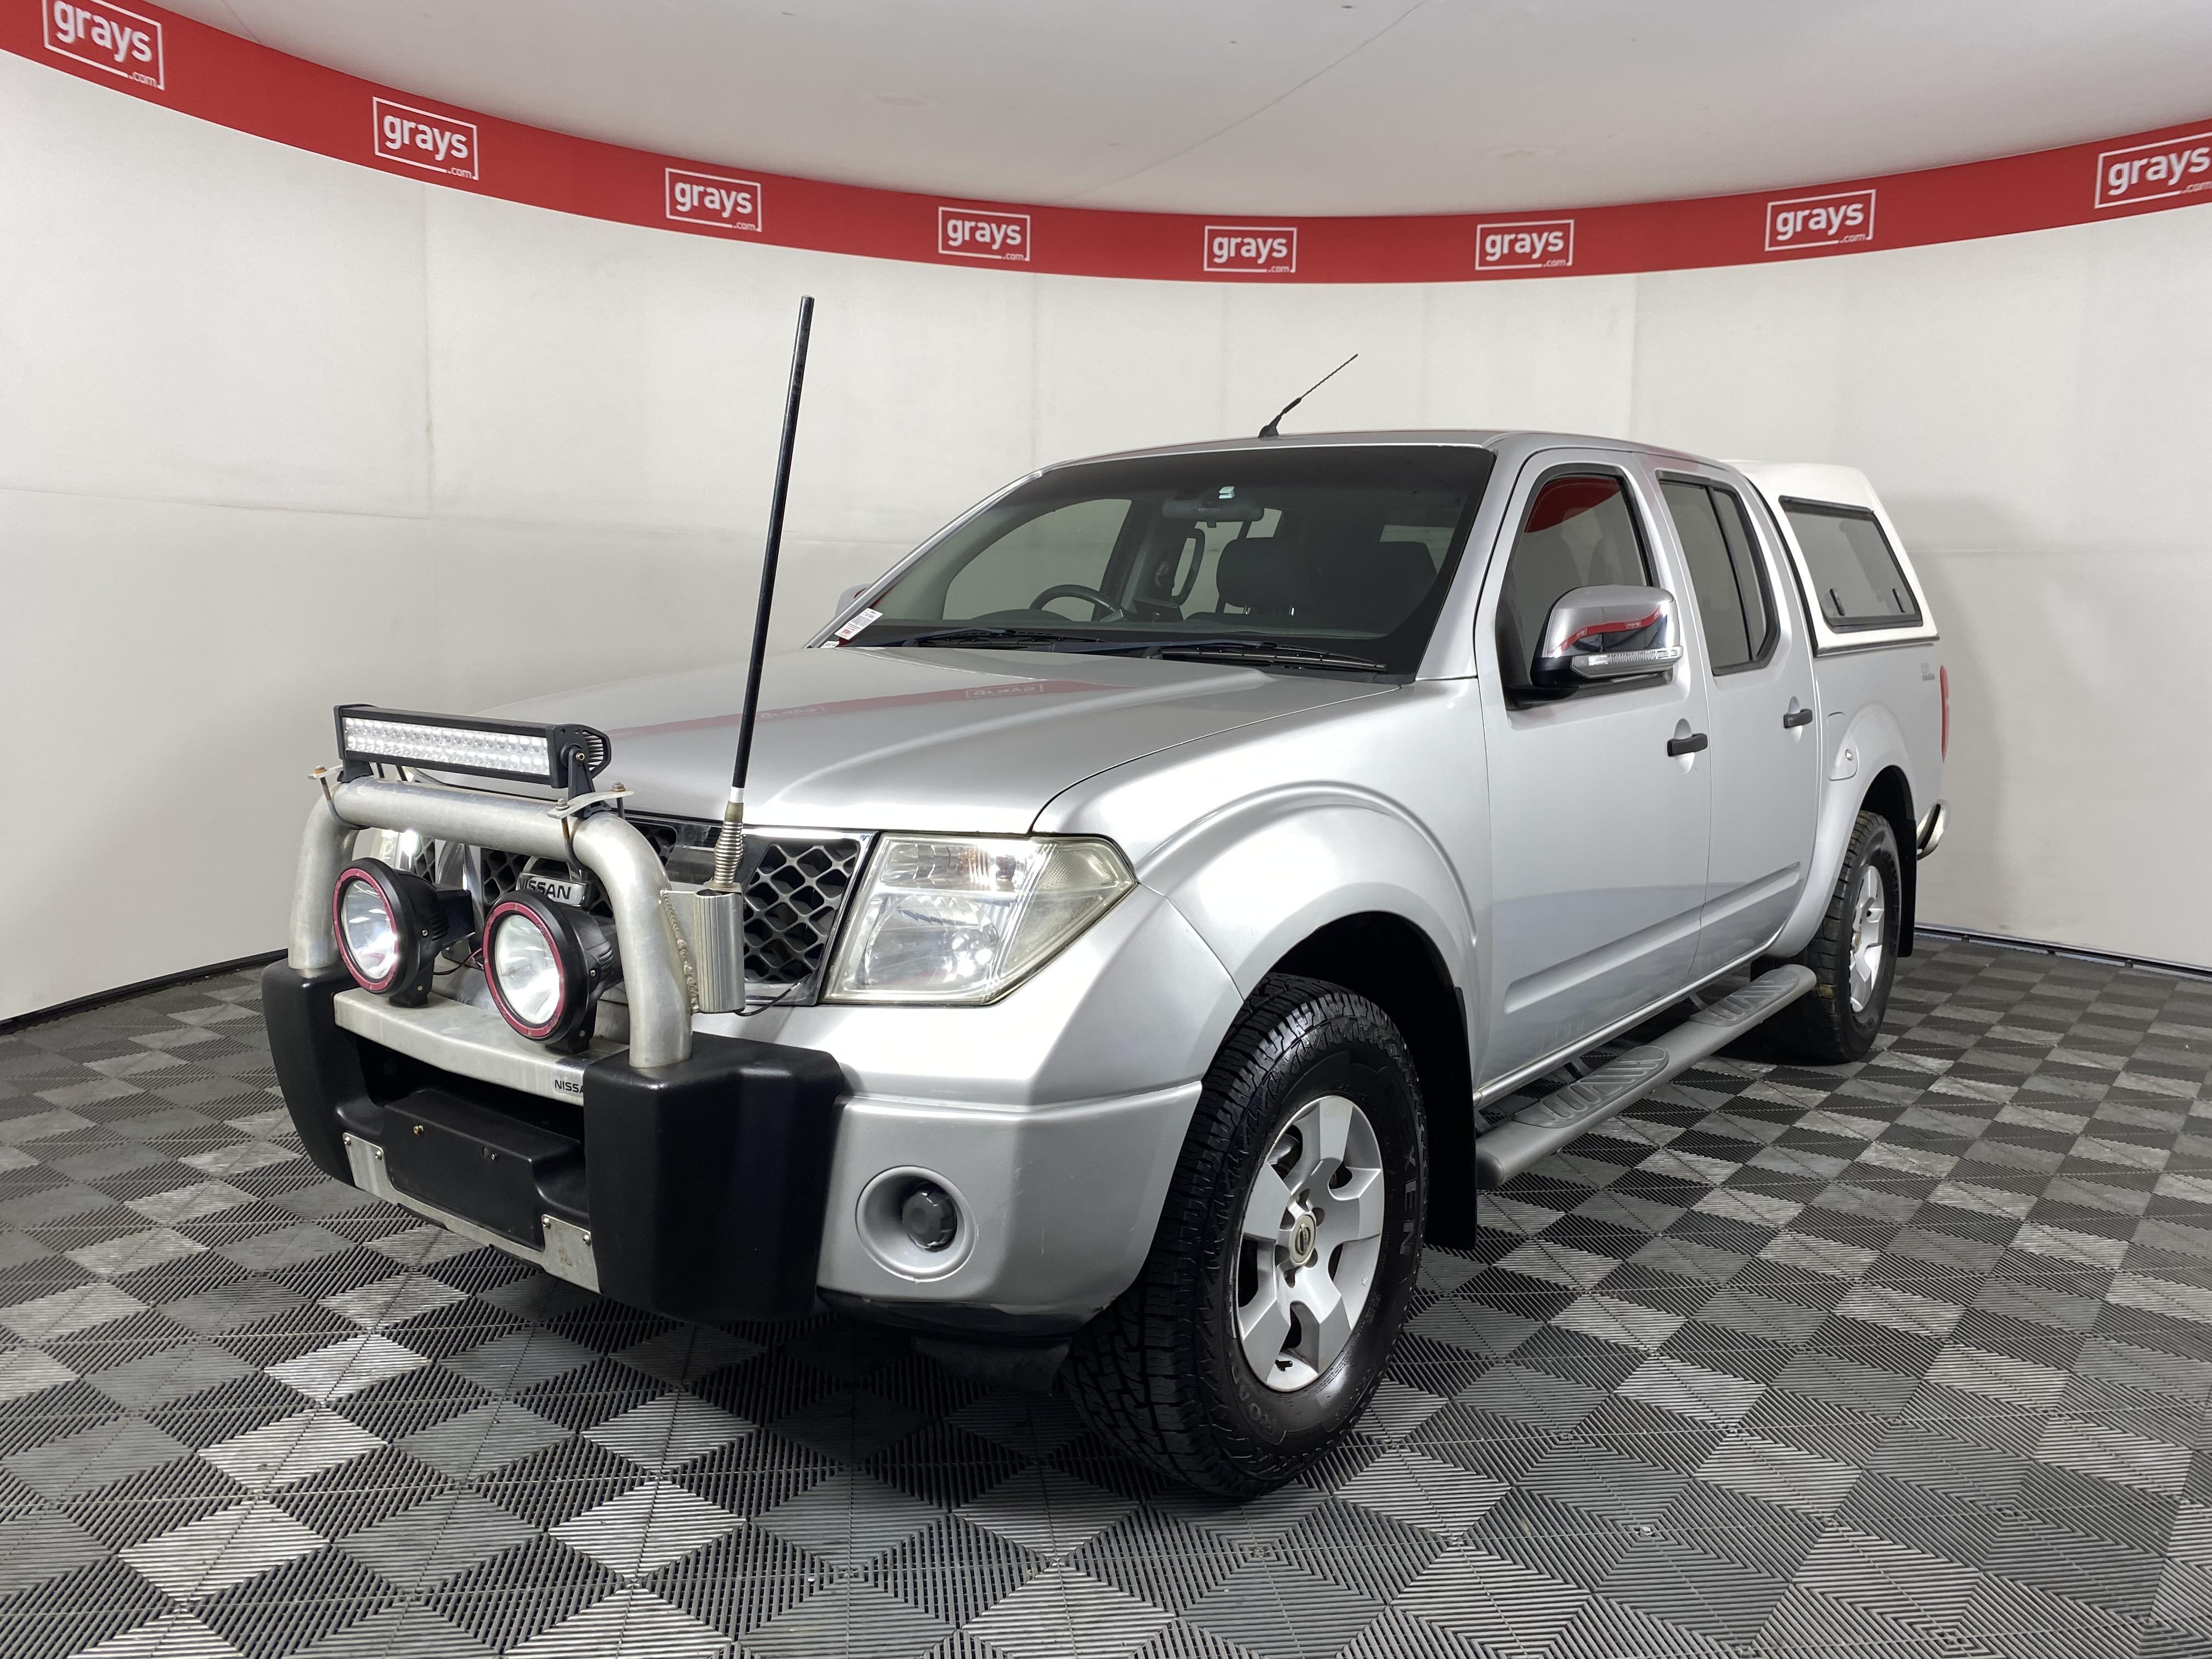 2008 Nissan Navara ST-X 4x4 D40 T/Diesel Auto Dual Cab (WOVR - Inspected)